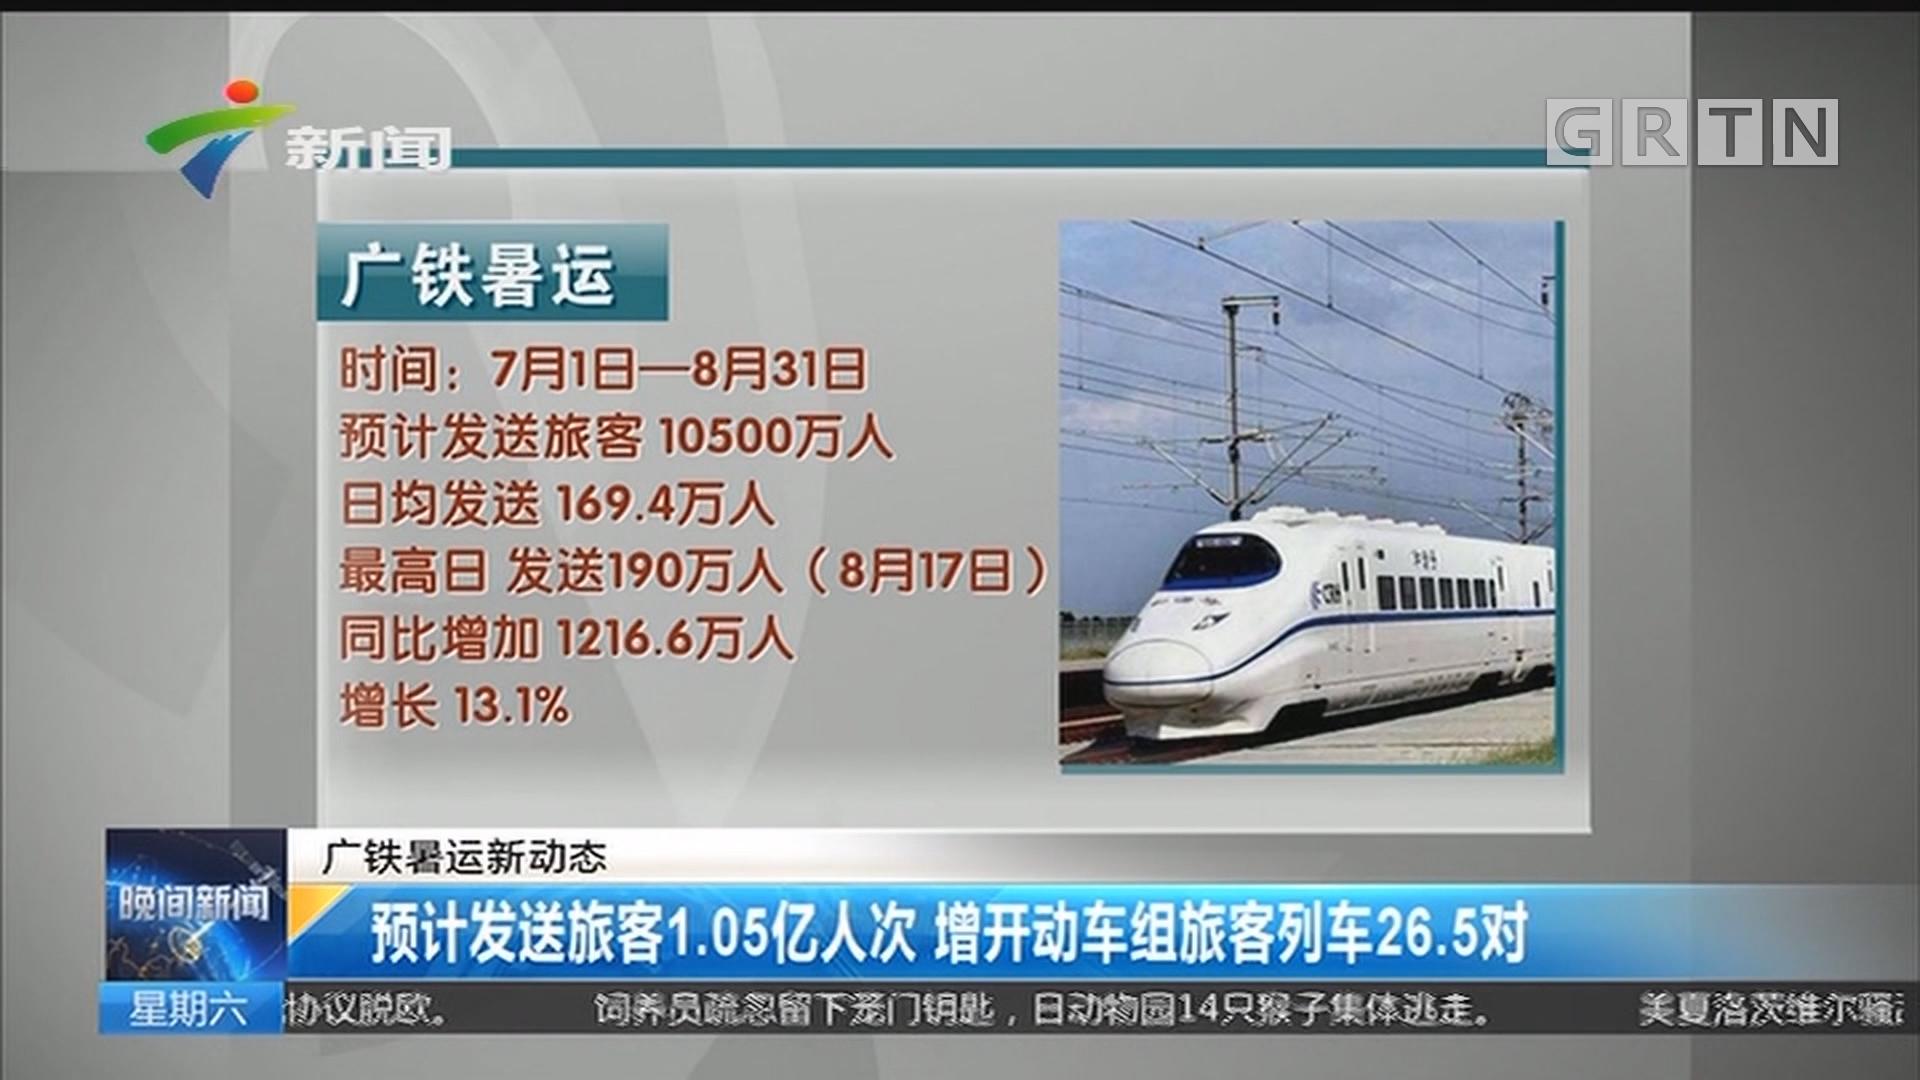 广铁暑运新动态:预计发送旅客1.05亿人次 增开动车组旅客列车26.5对